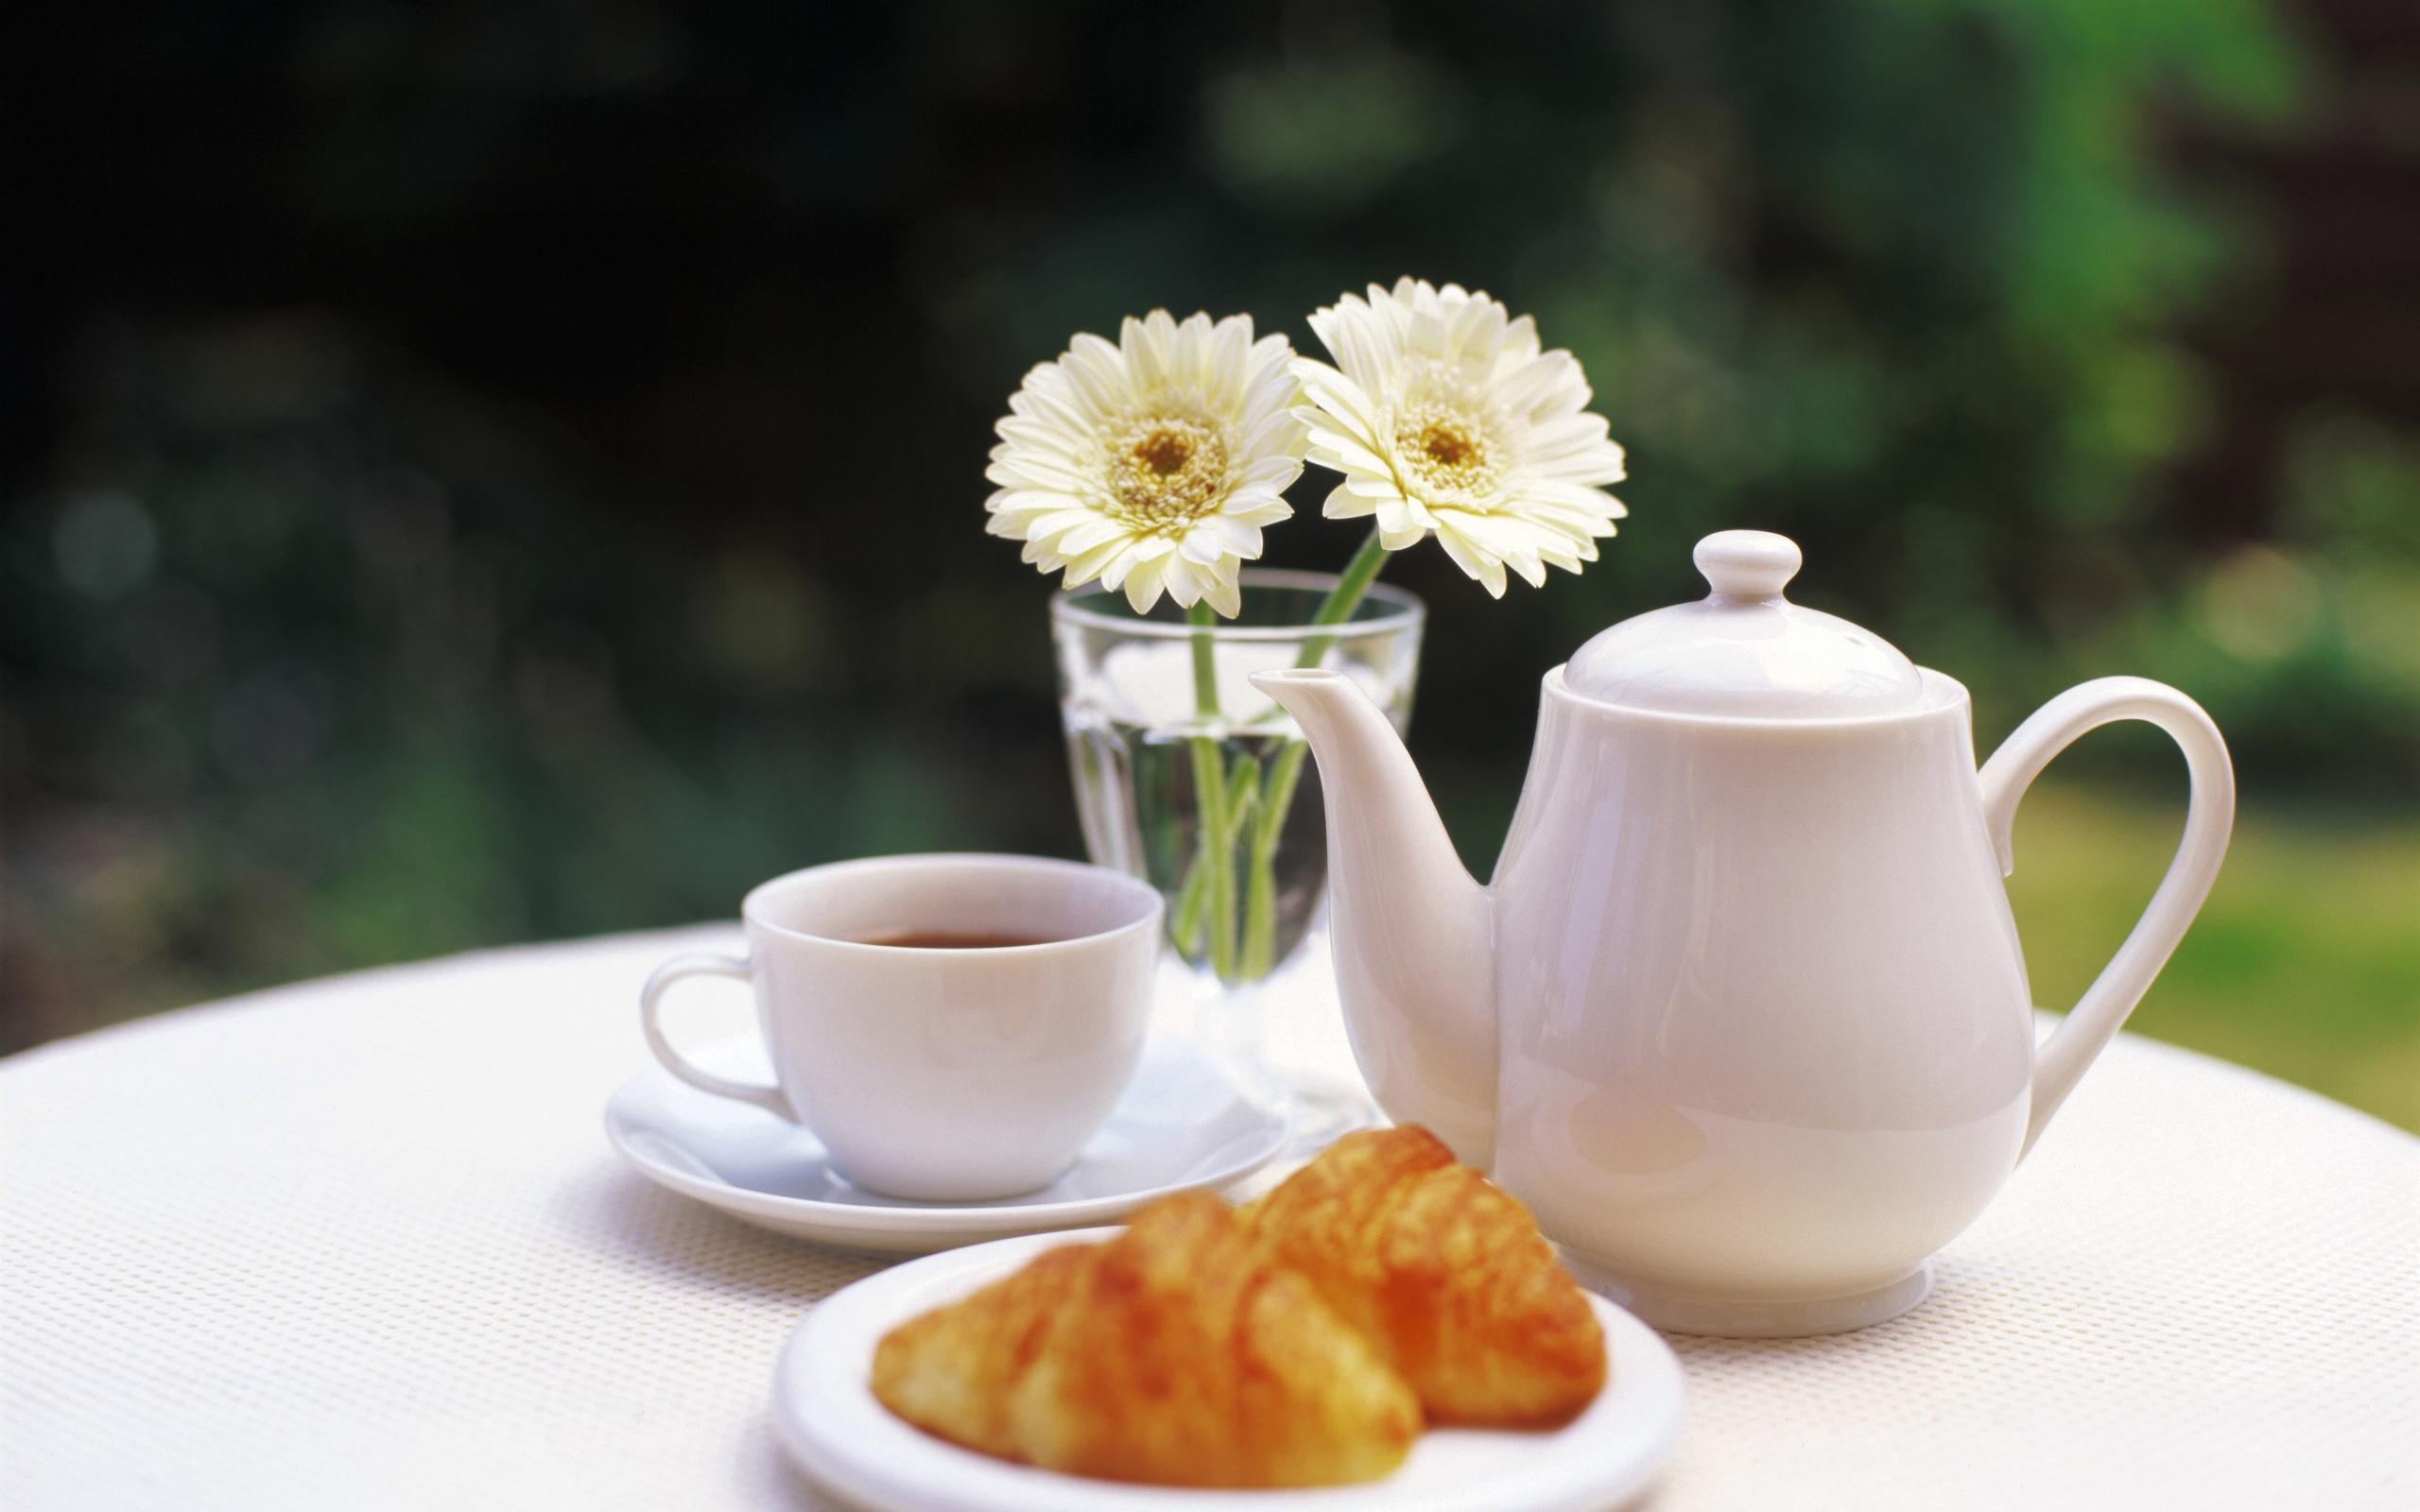 чашка чая фото с добрым утром олимпийские объекты